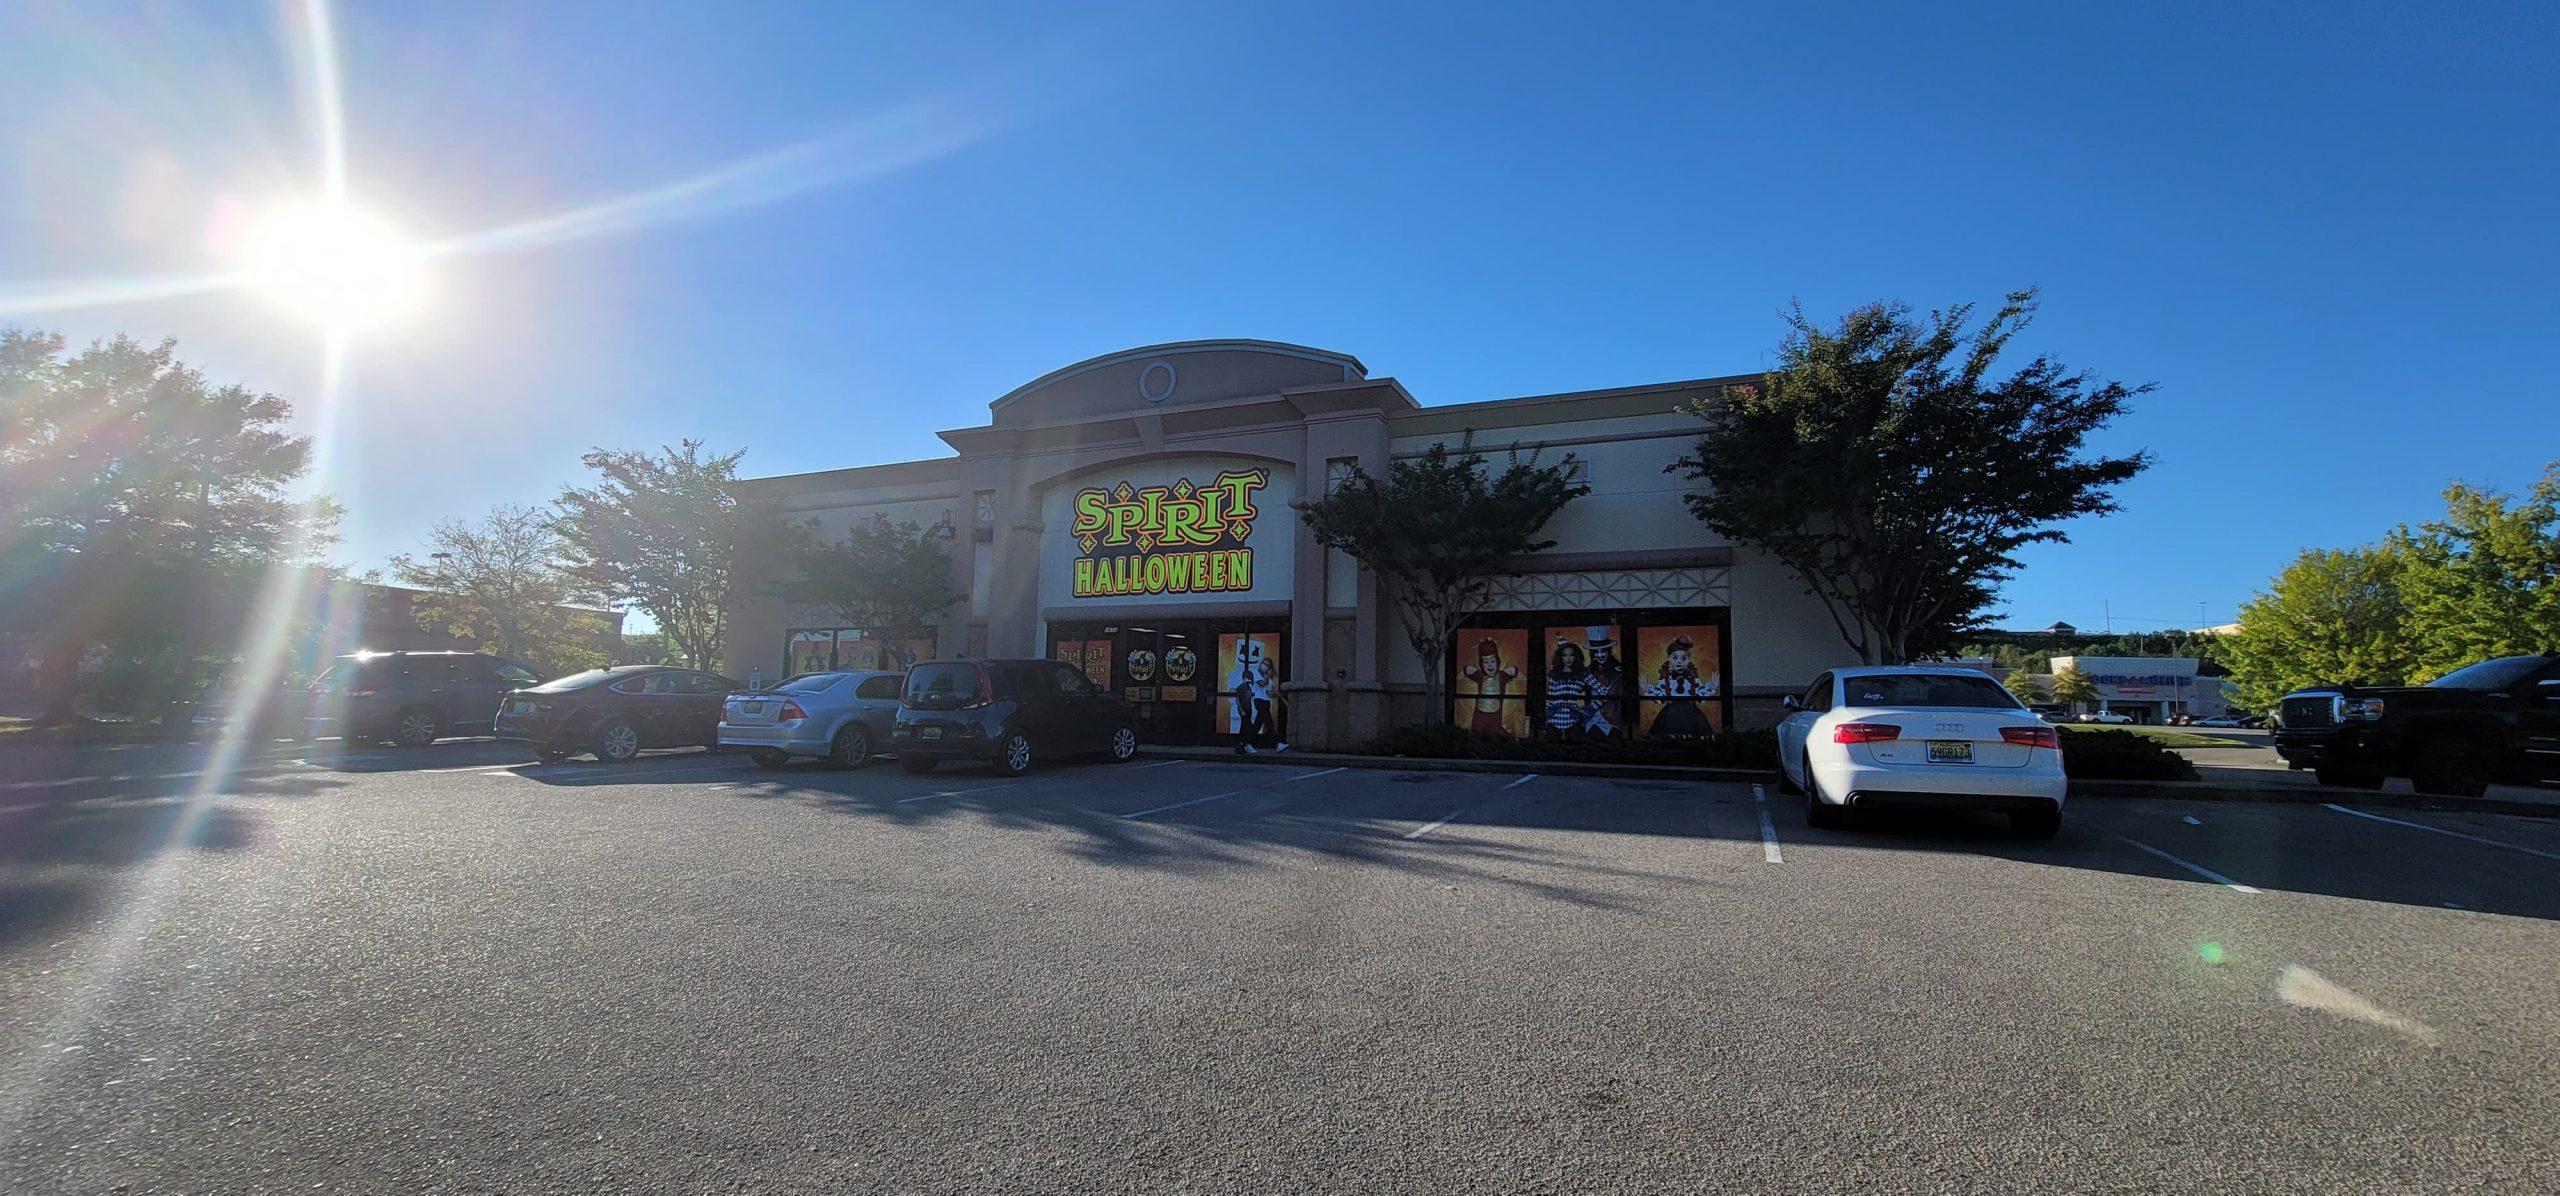 Spirit Halloween opens location in Trussville